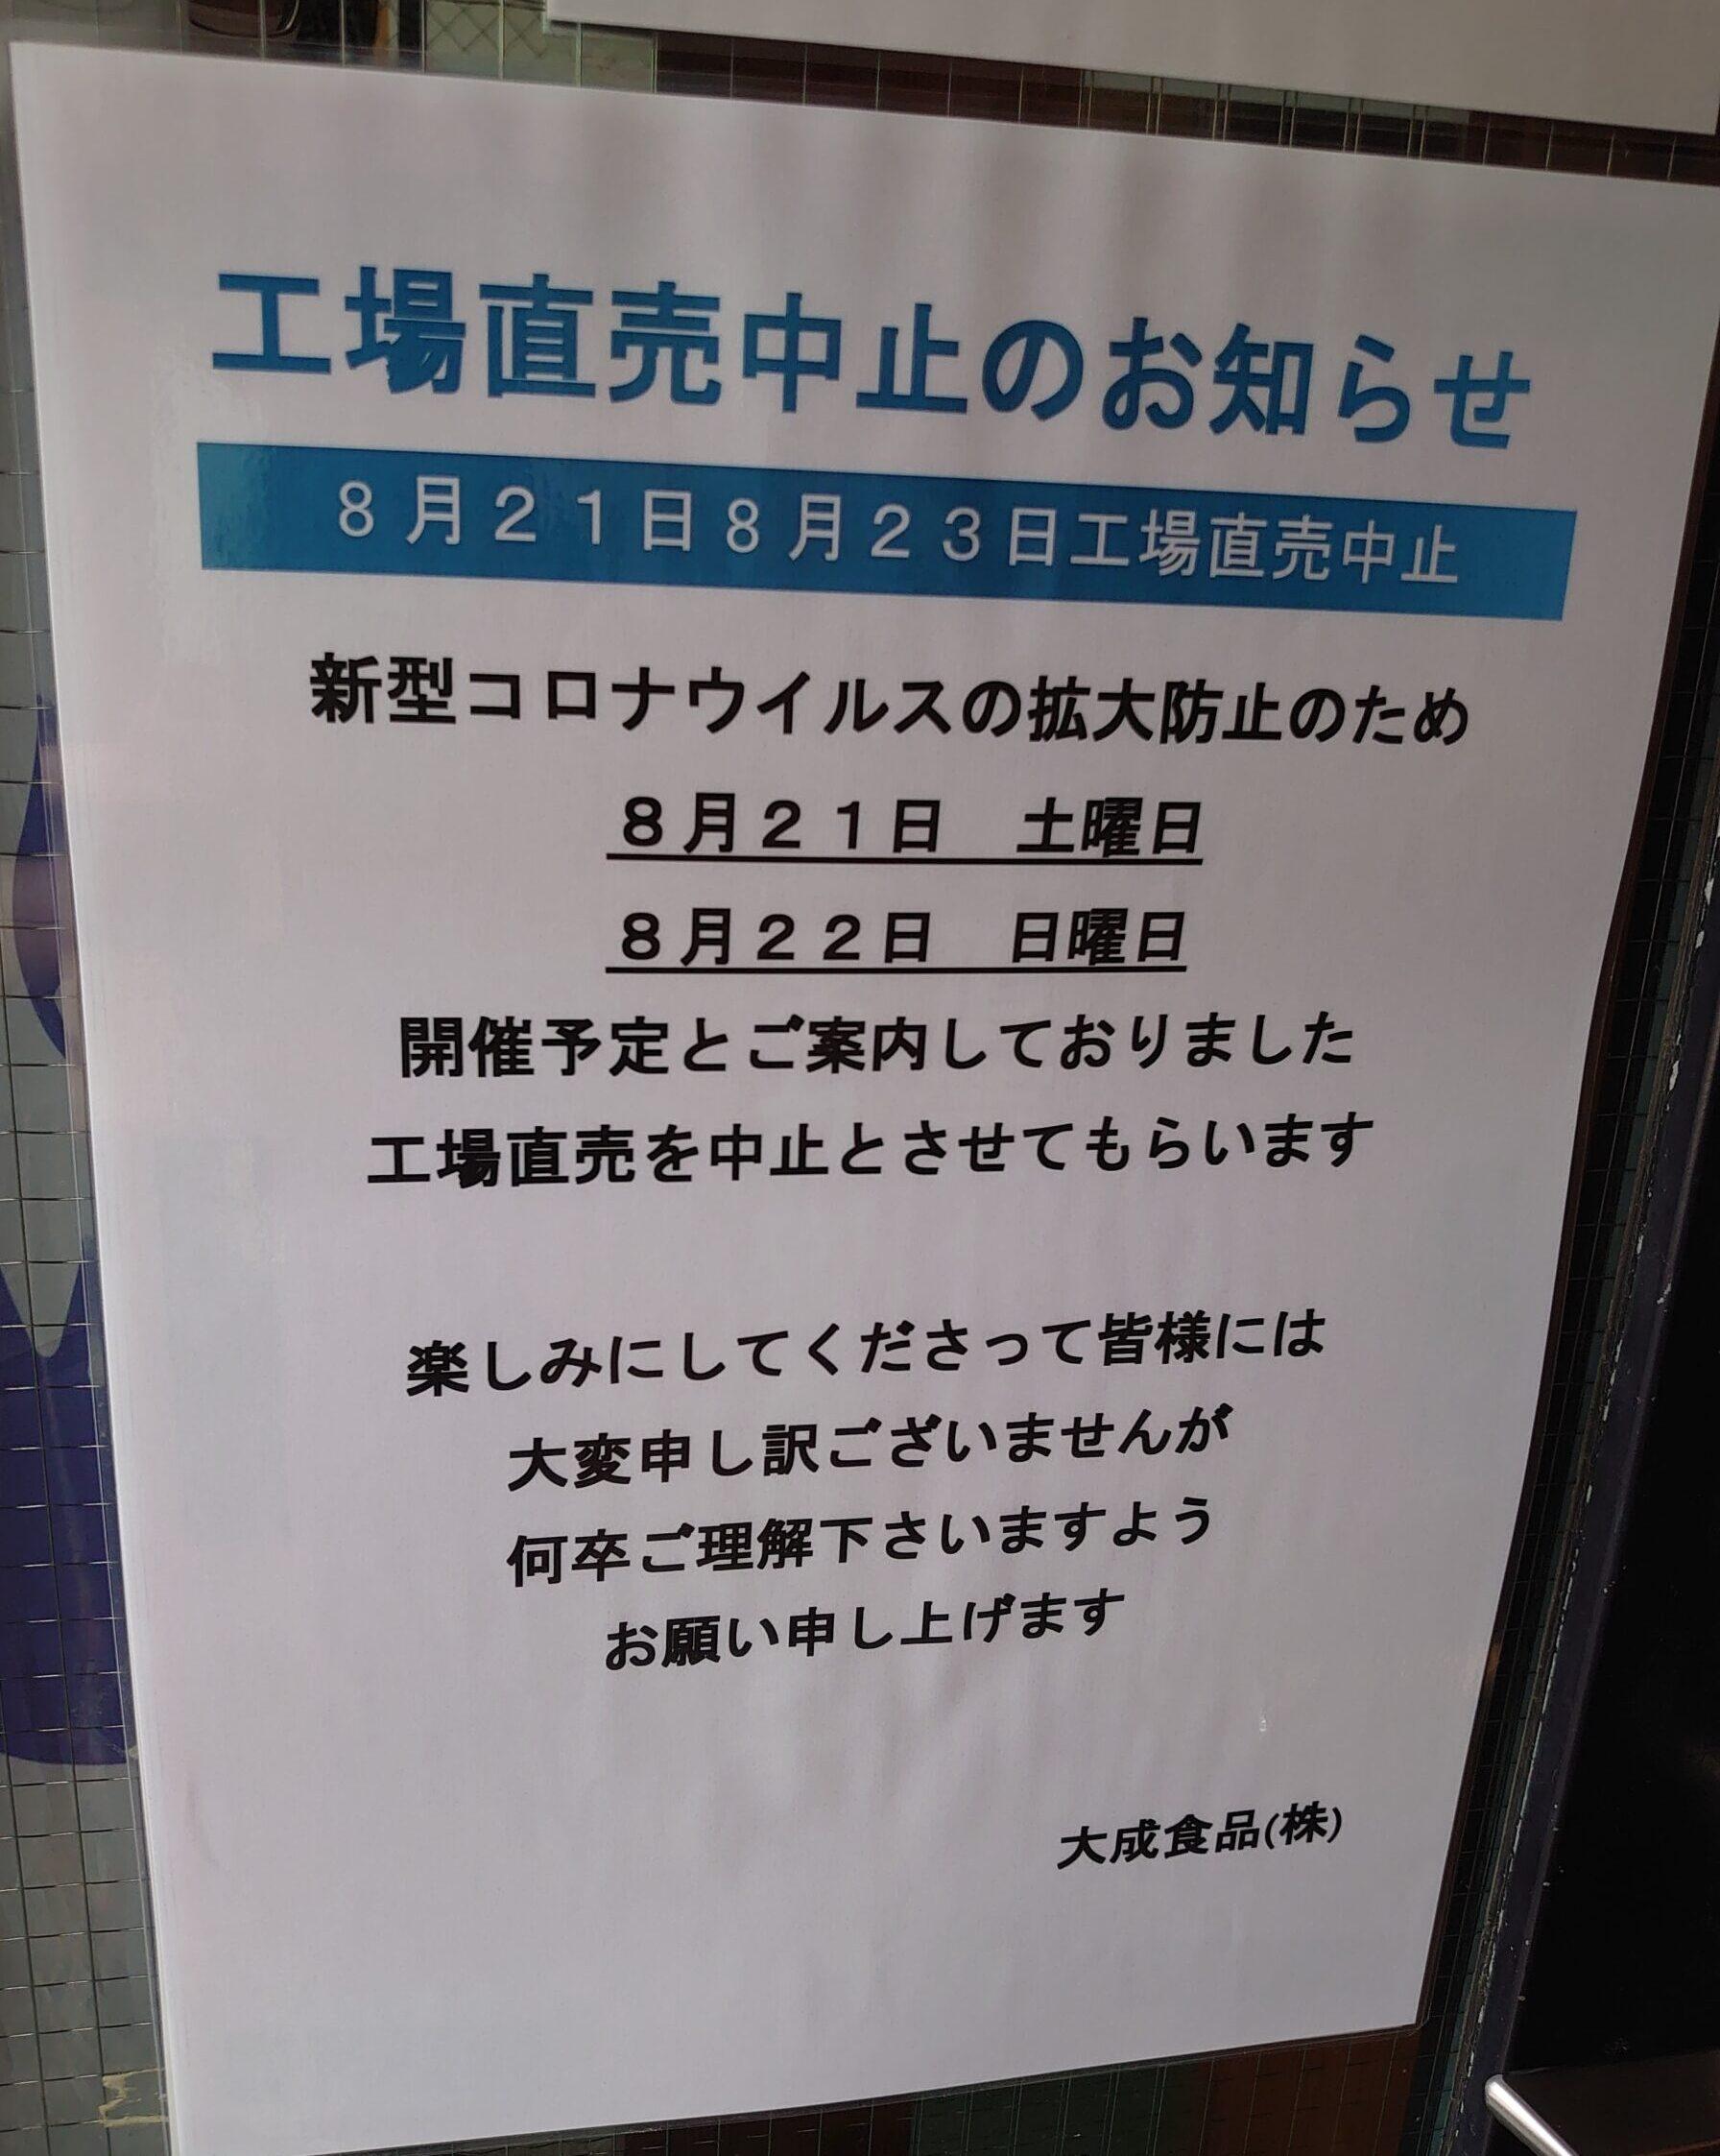 8月21、22日の工場直売 開催中止のお知らせ